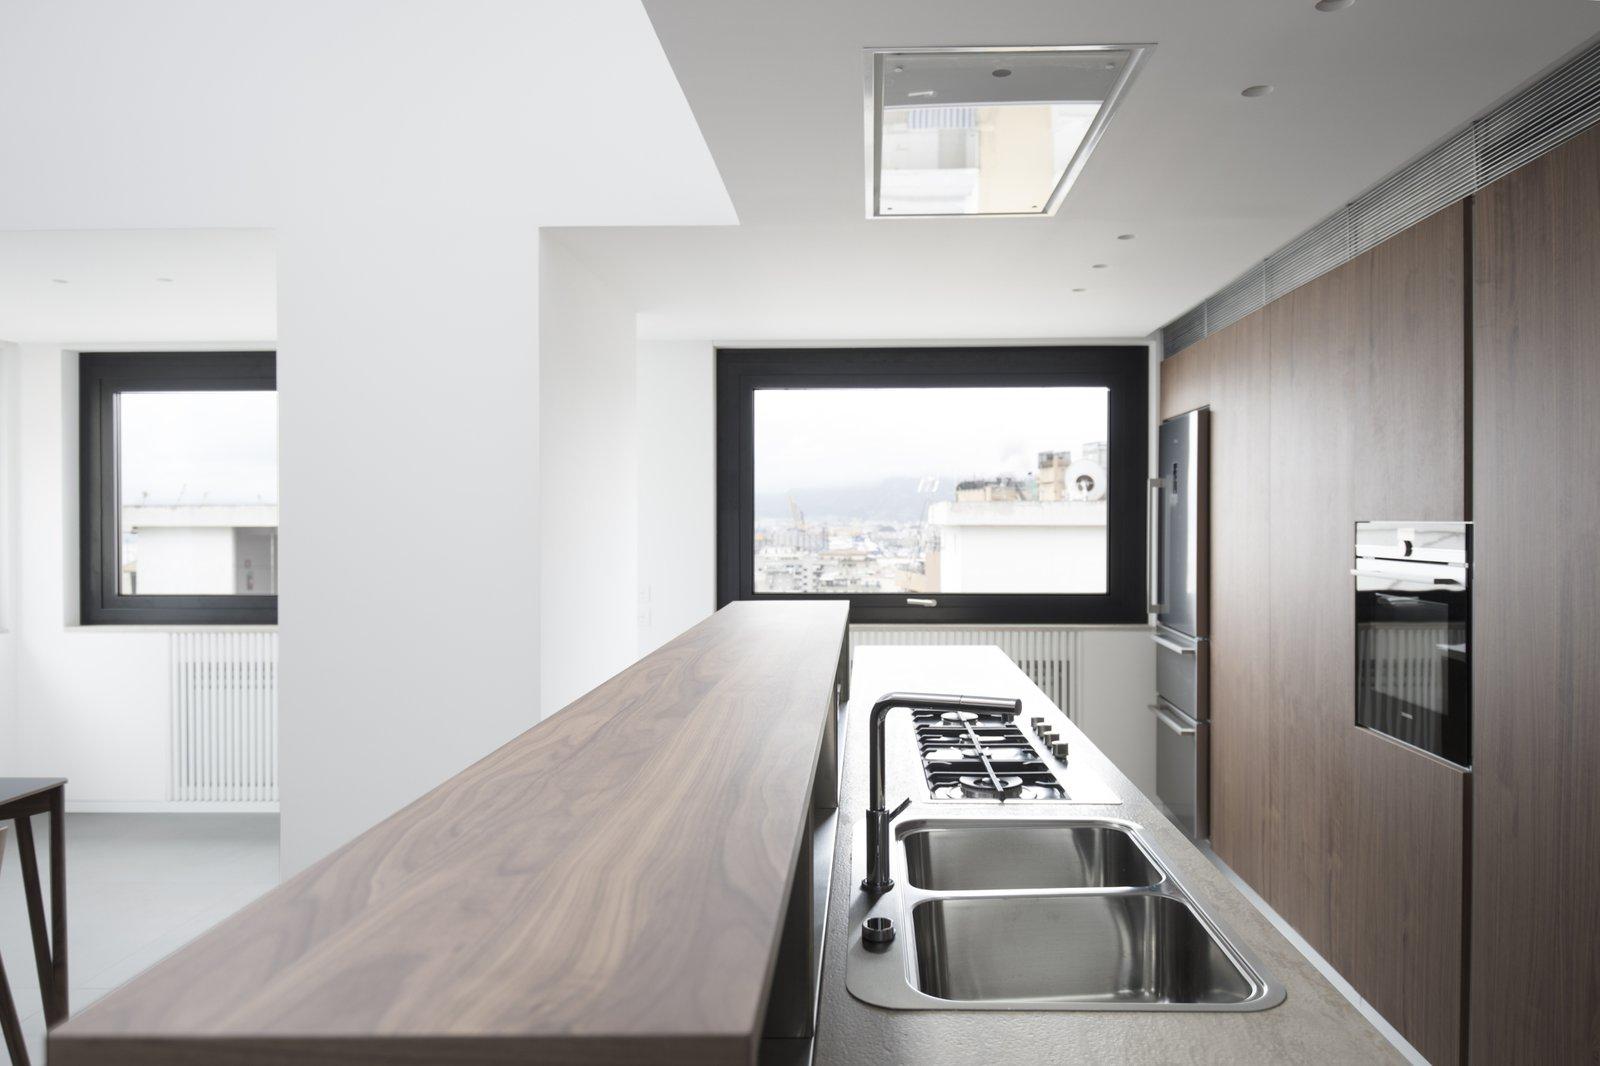 the marble countertop Home A236 by Elena Morgante